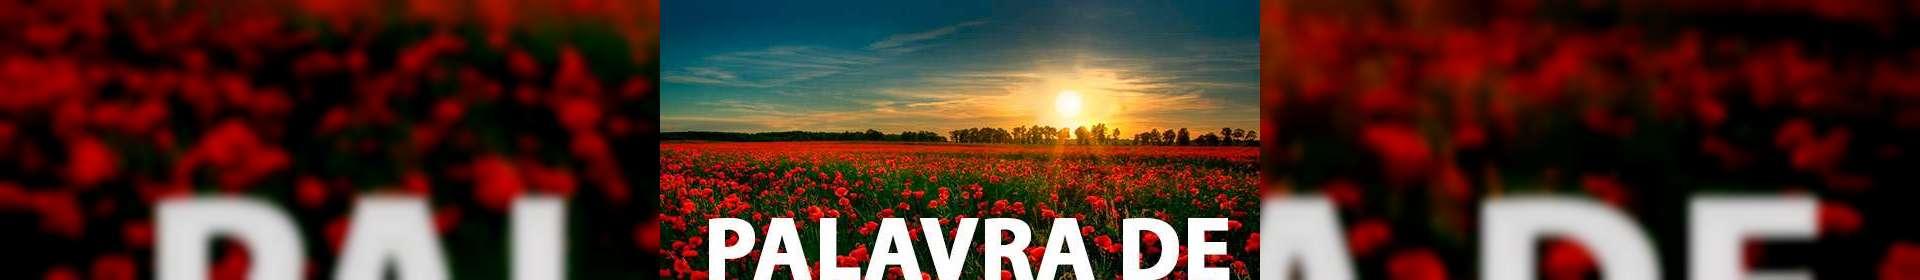 Salmos 46:9 - Uma Palavra de Esperança para sua vida